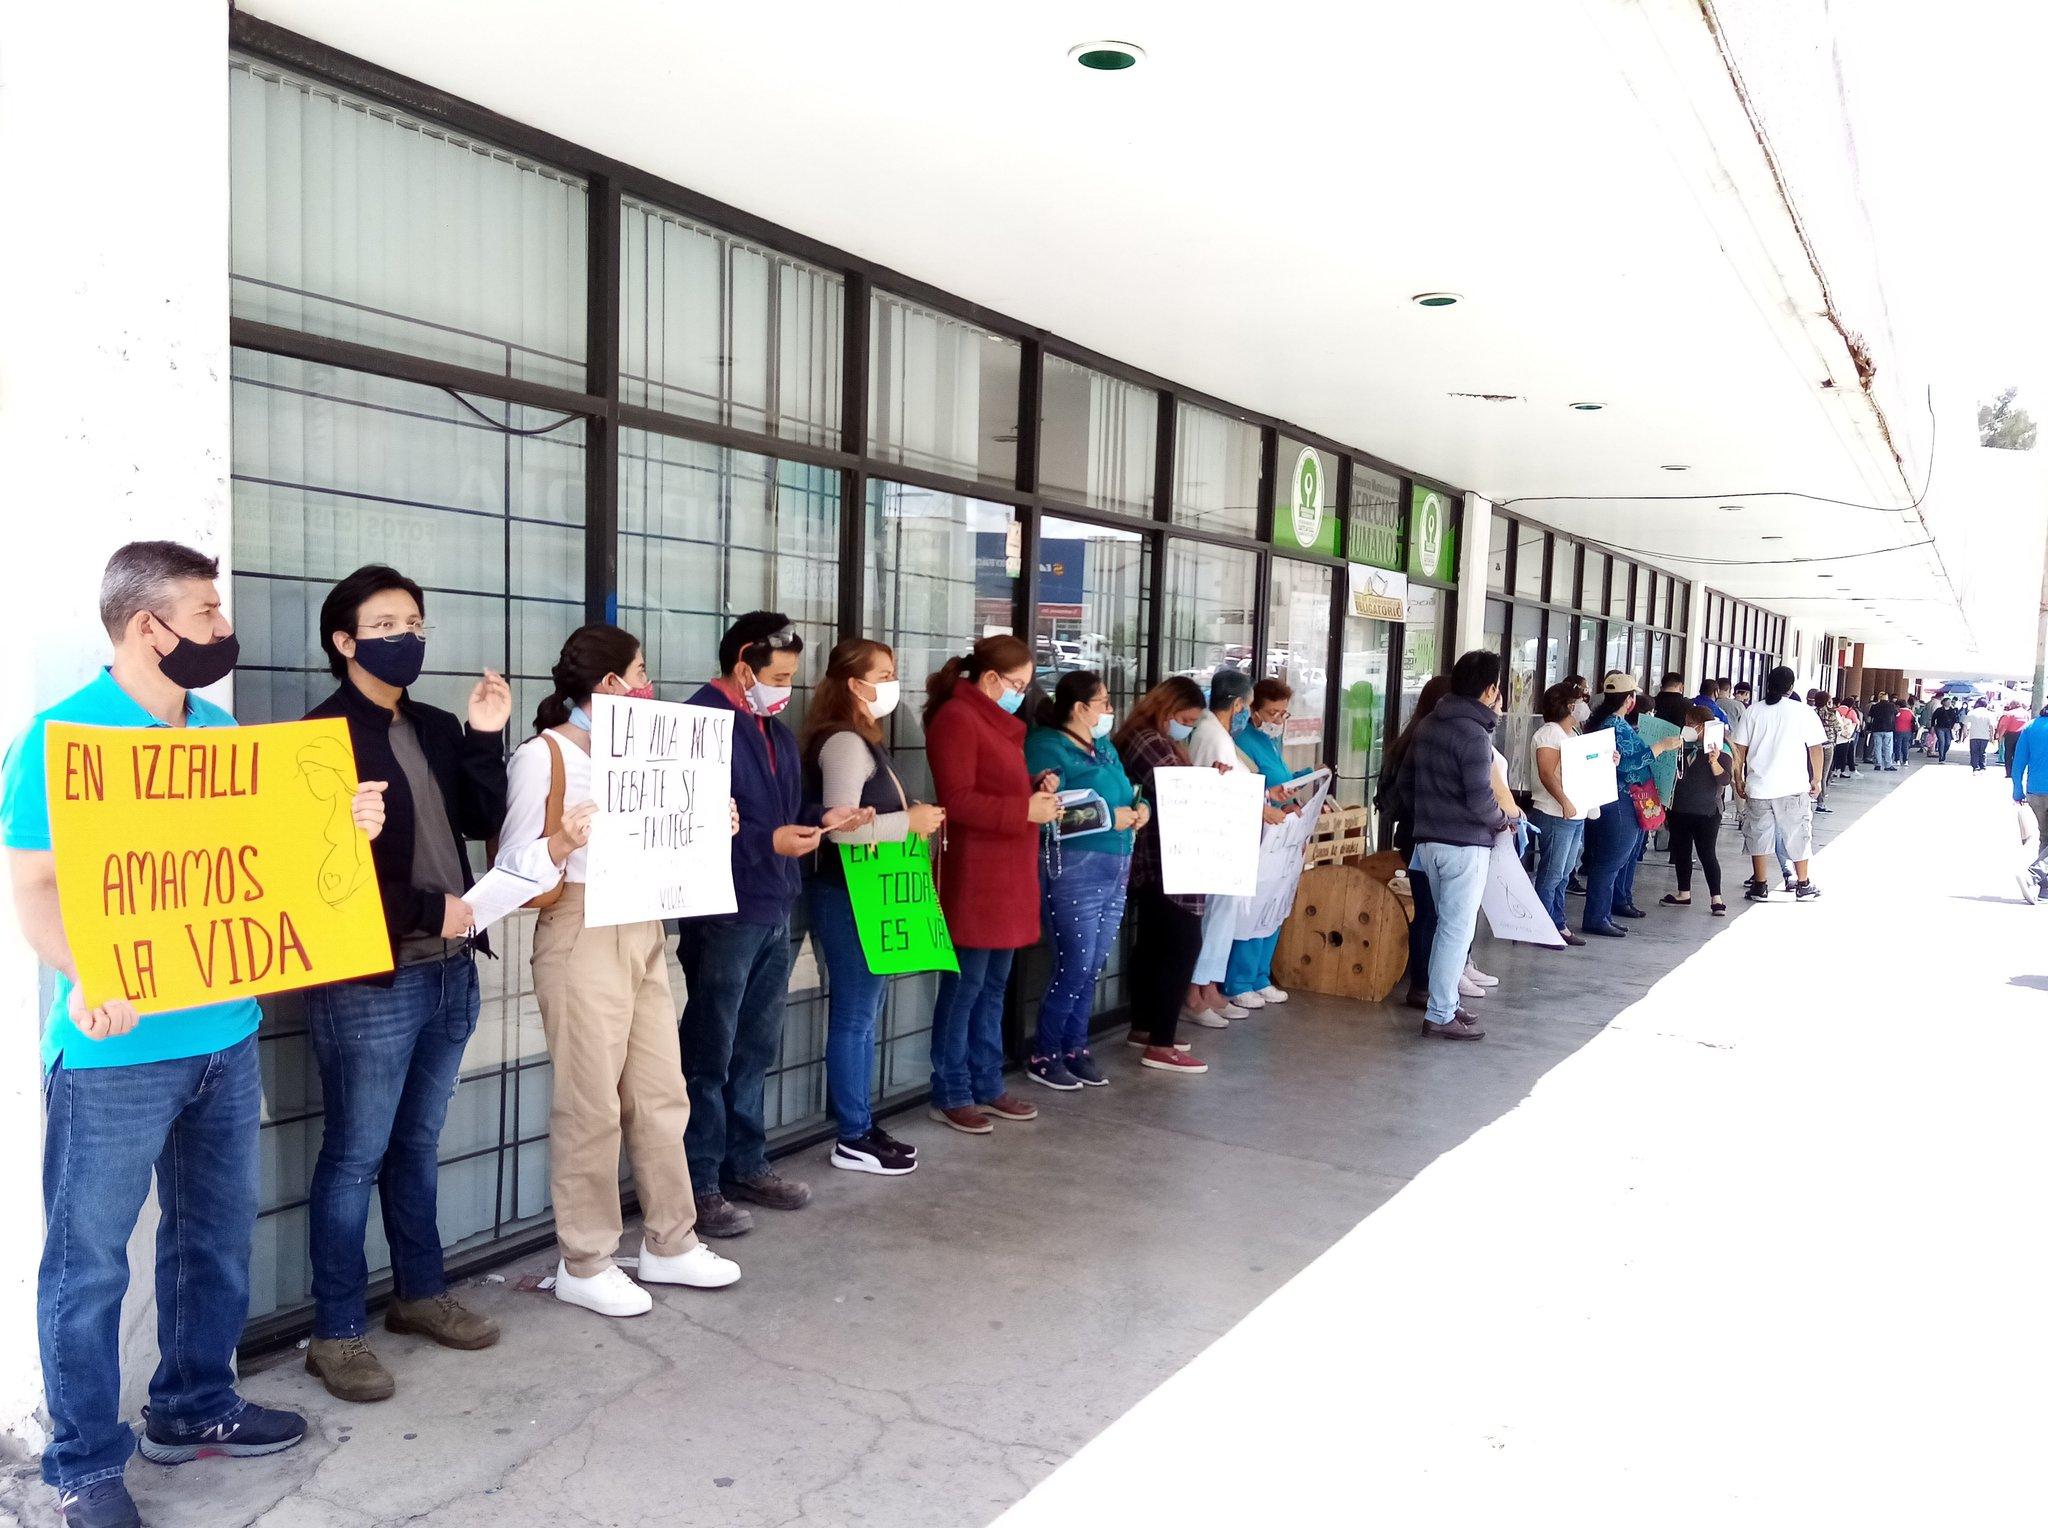 Protesta en contra del aborto en Izcalli